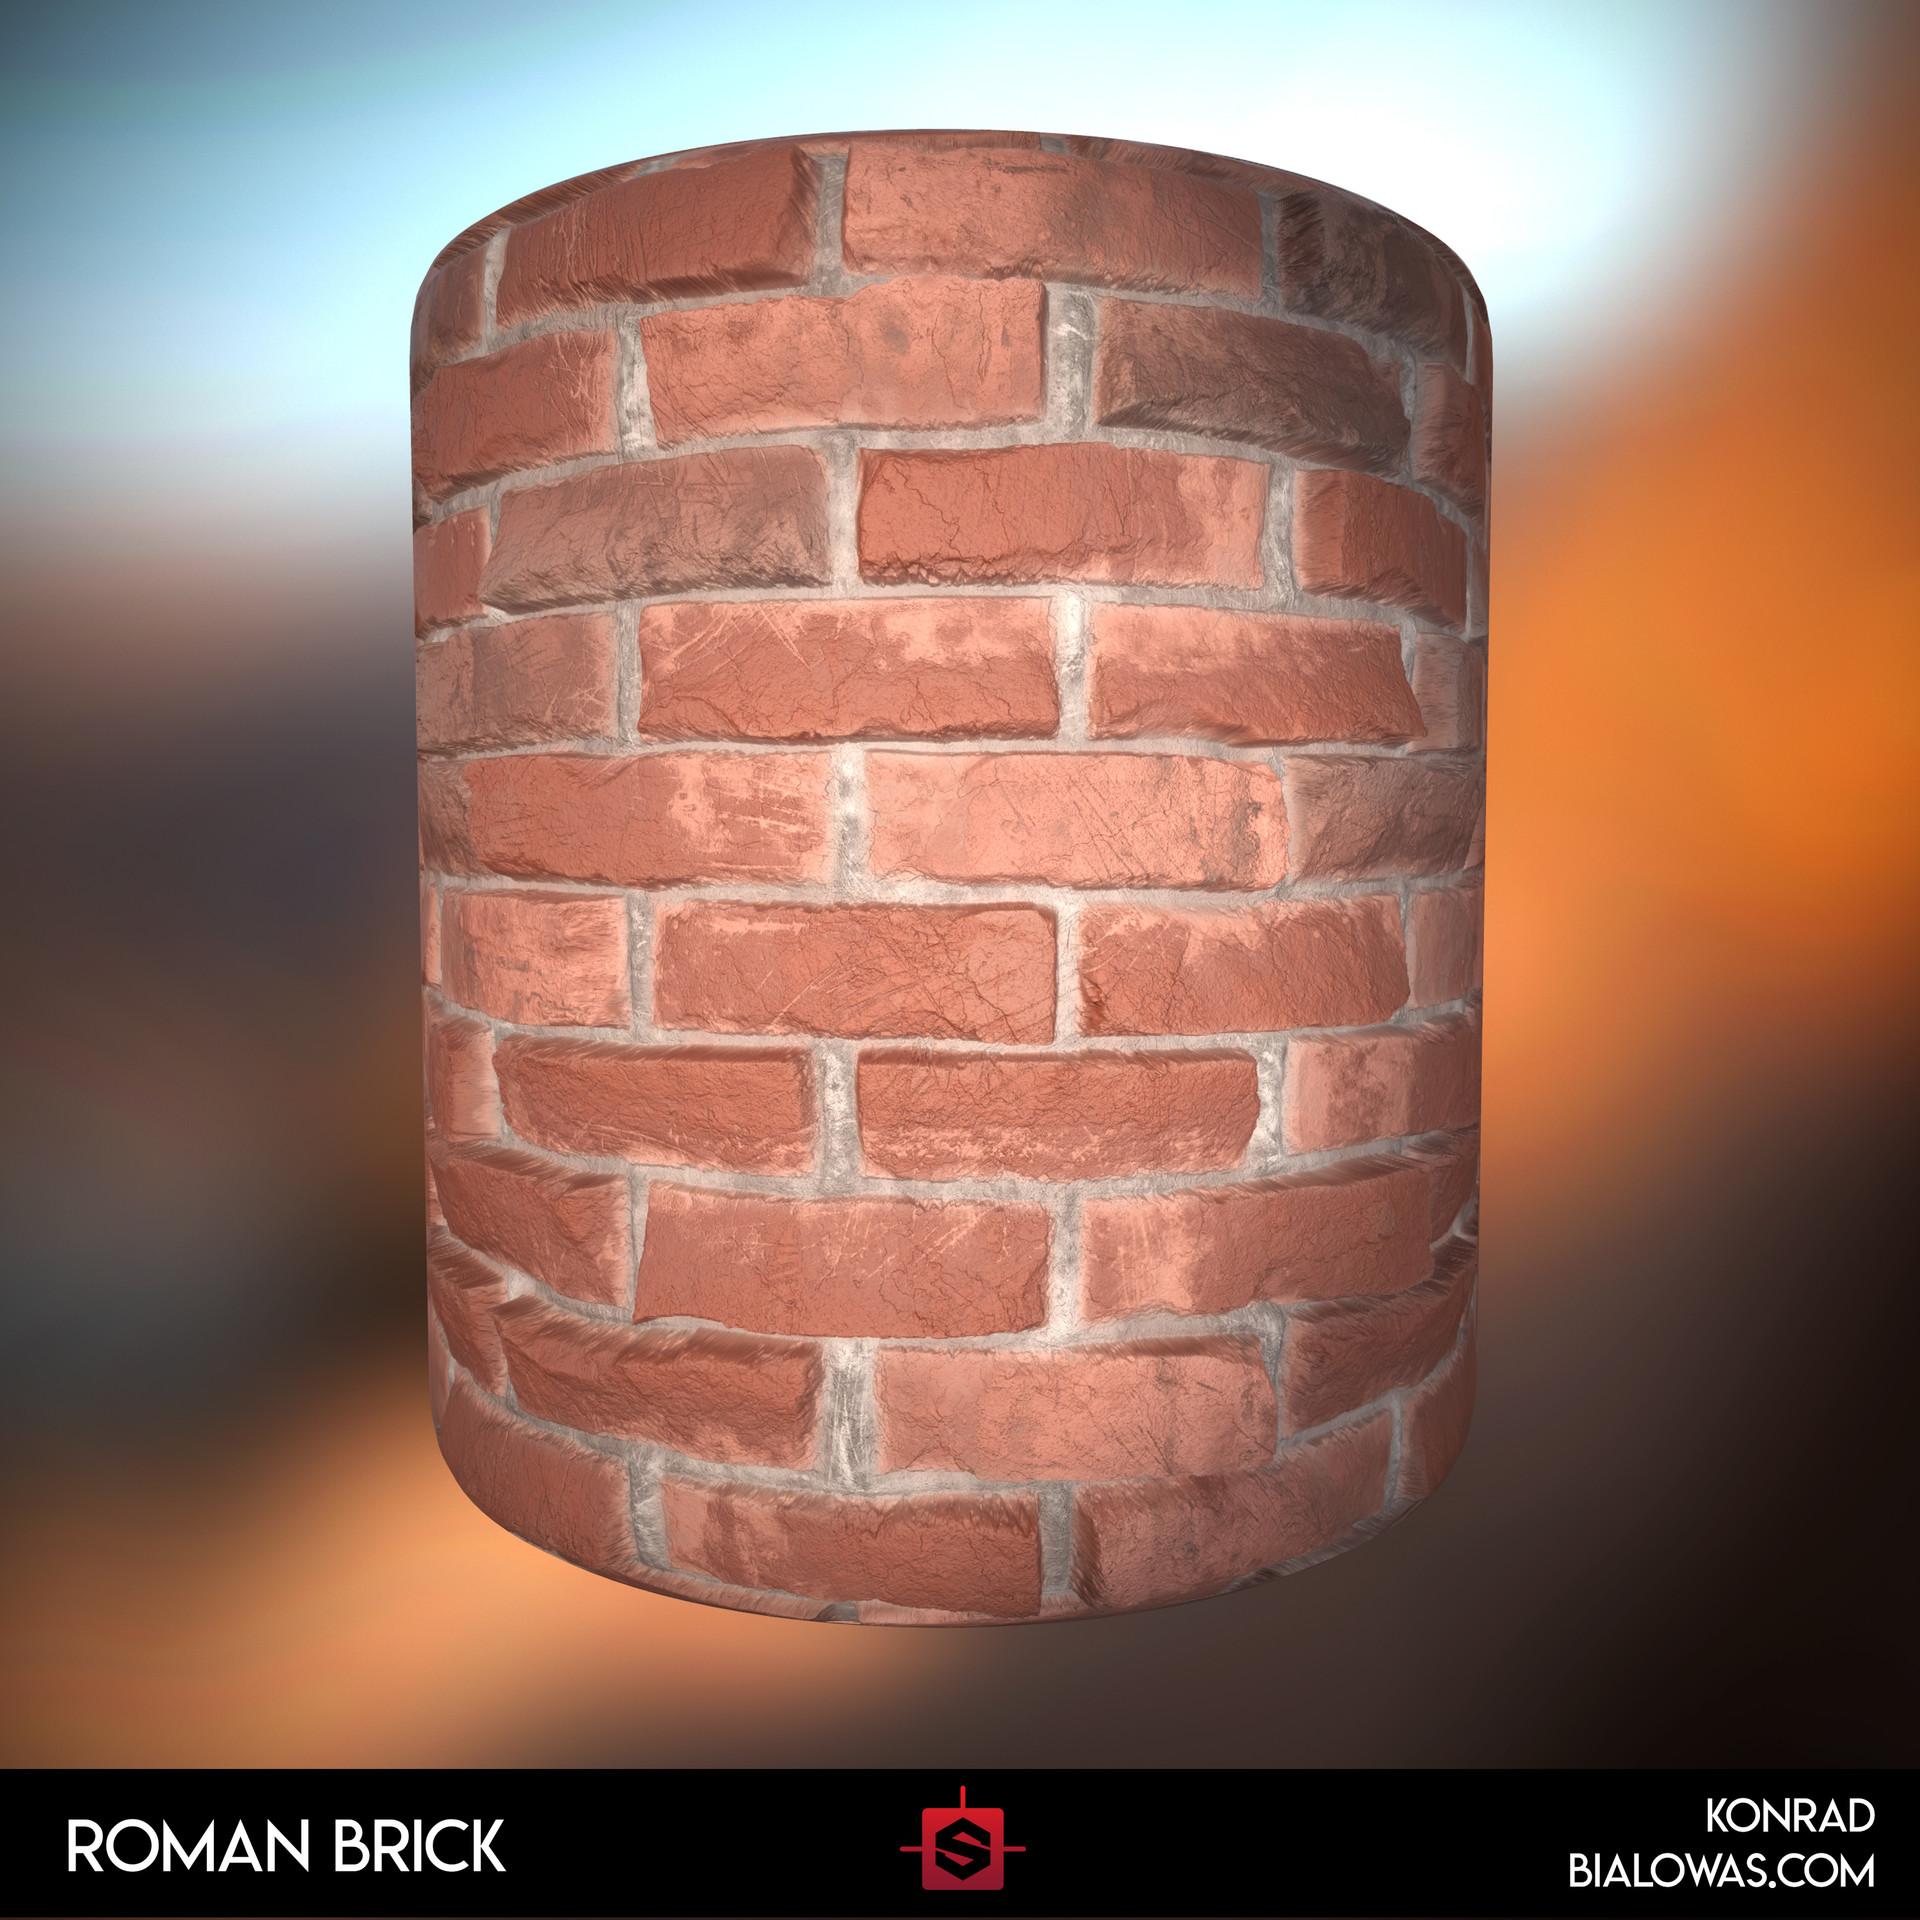 Konrx bialowas brick1